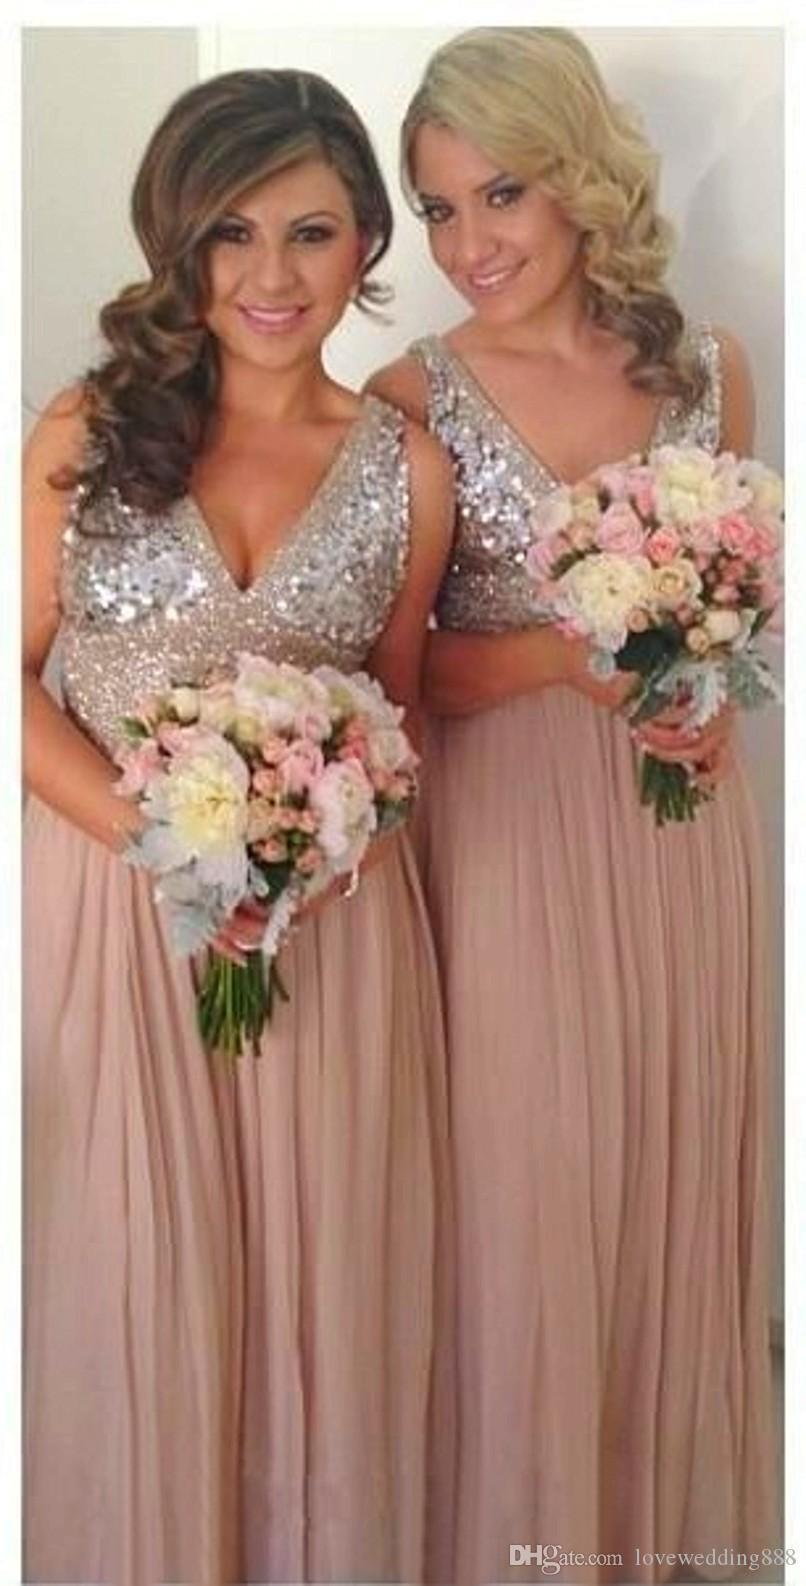 Lantejoulas Chiffon V Neck Vestidos dama de honra Plus Size Rose Gold Sparkly Maid of Bridal Party Honra Vestidos de casamento Maternidade Custom Made